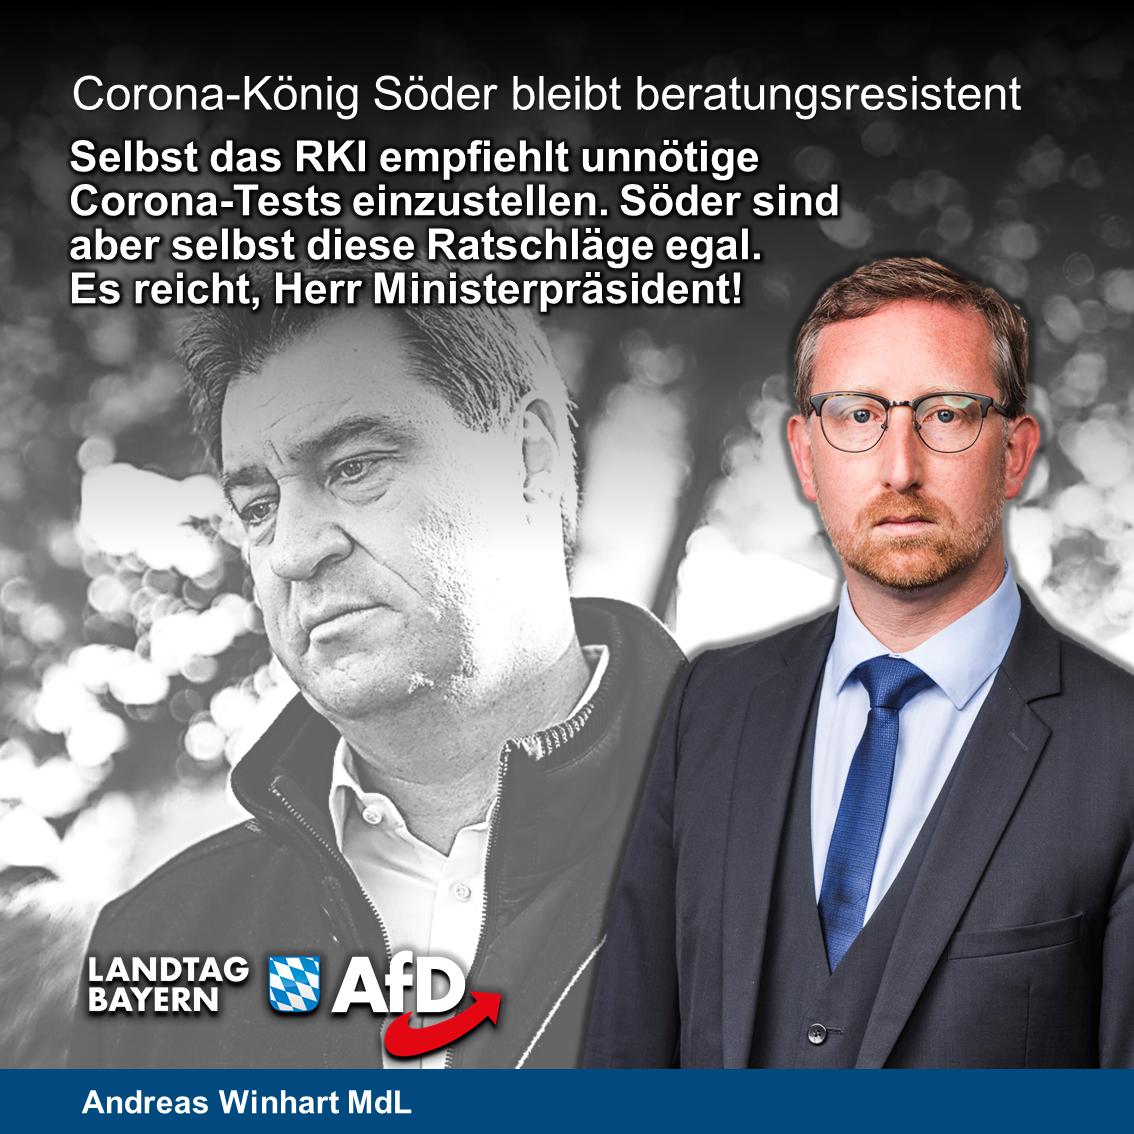 Söder bleibt beratungsresistent: Teststrategie wird gegen Expertenrat fortgeführt